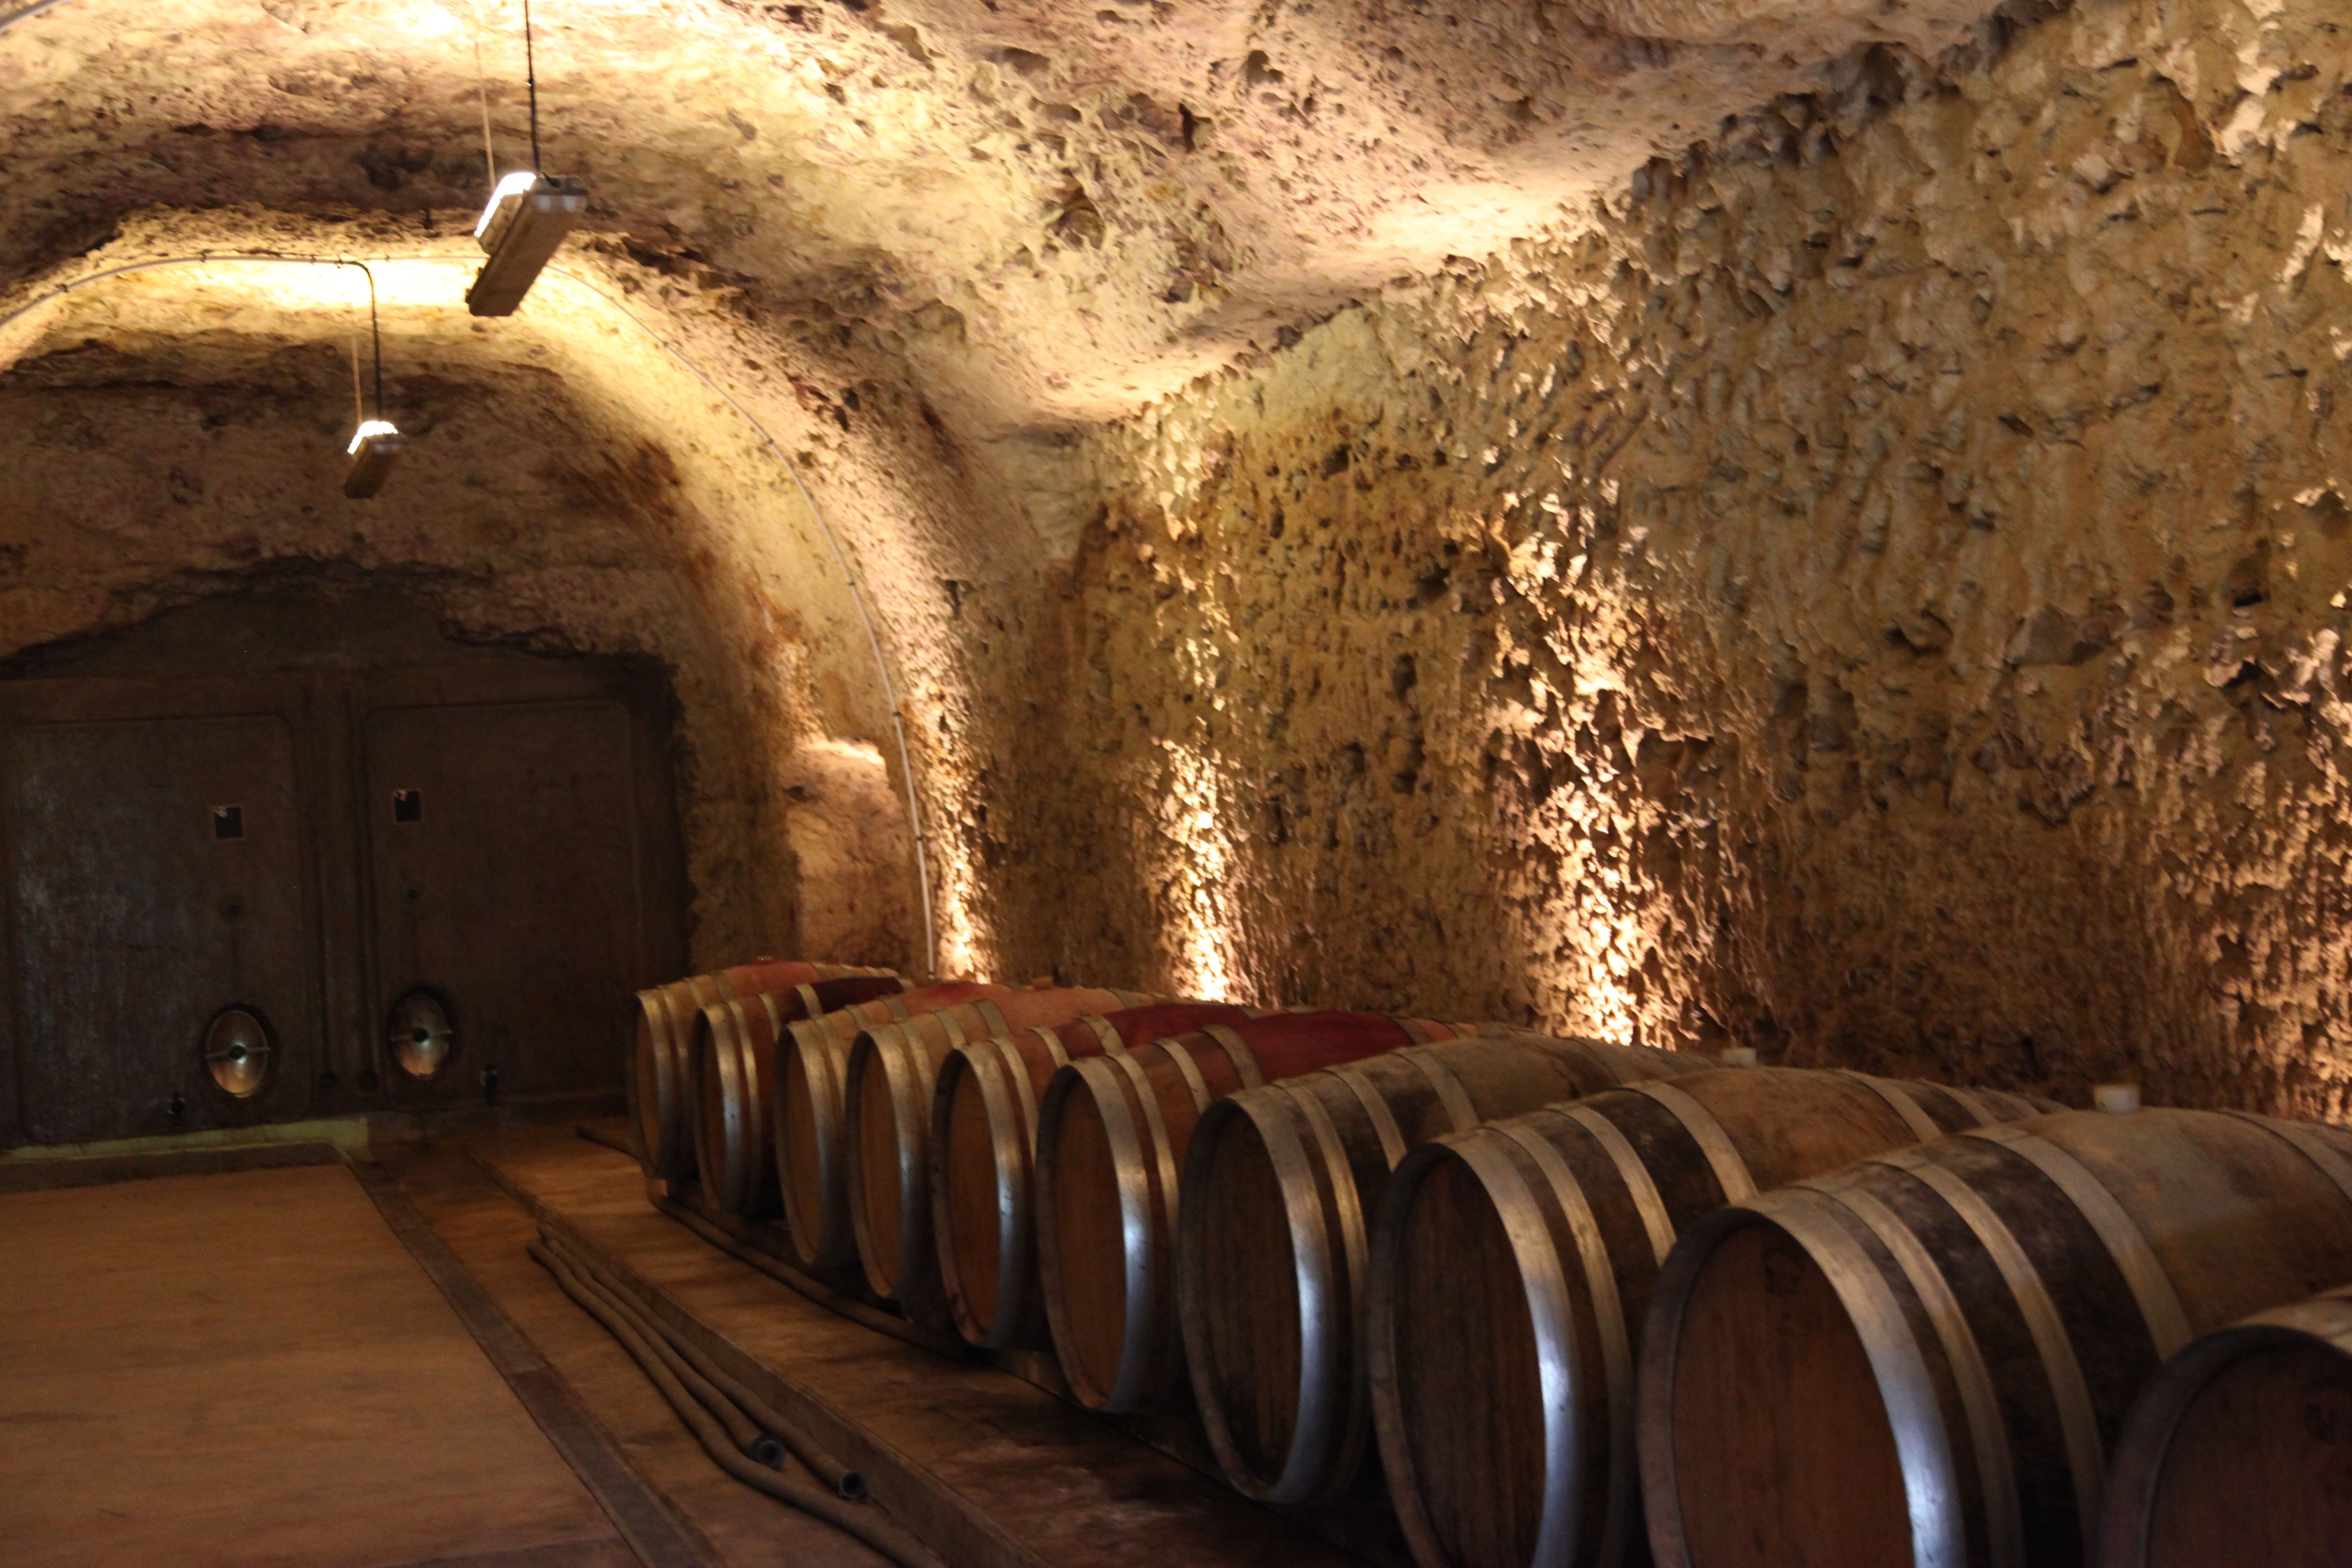 Loire wine cave made of tuffeau stone